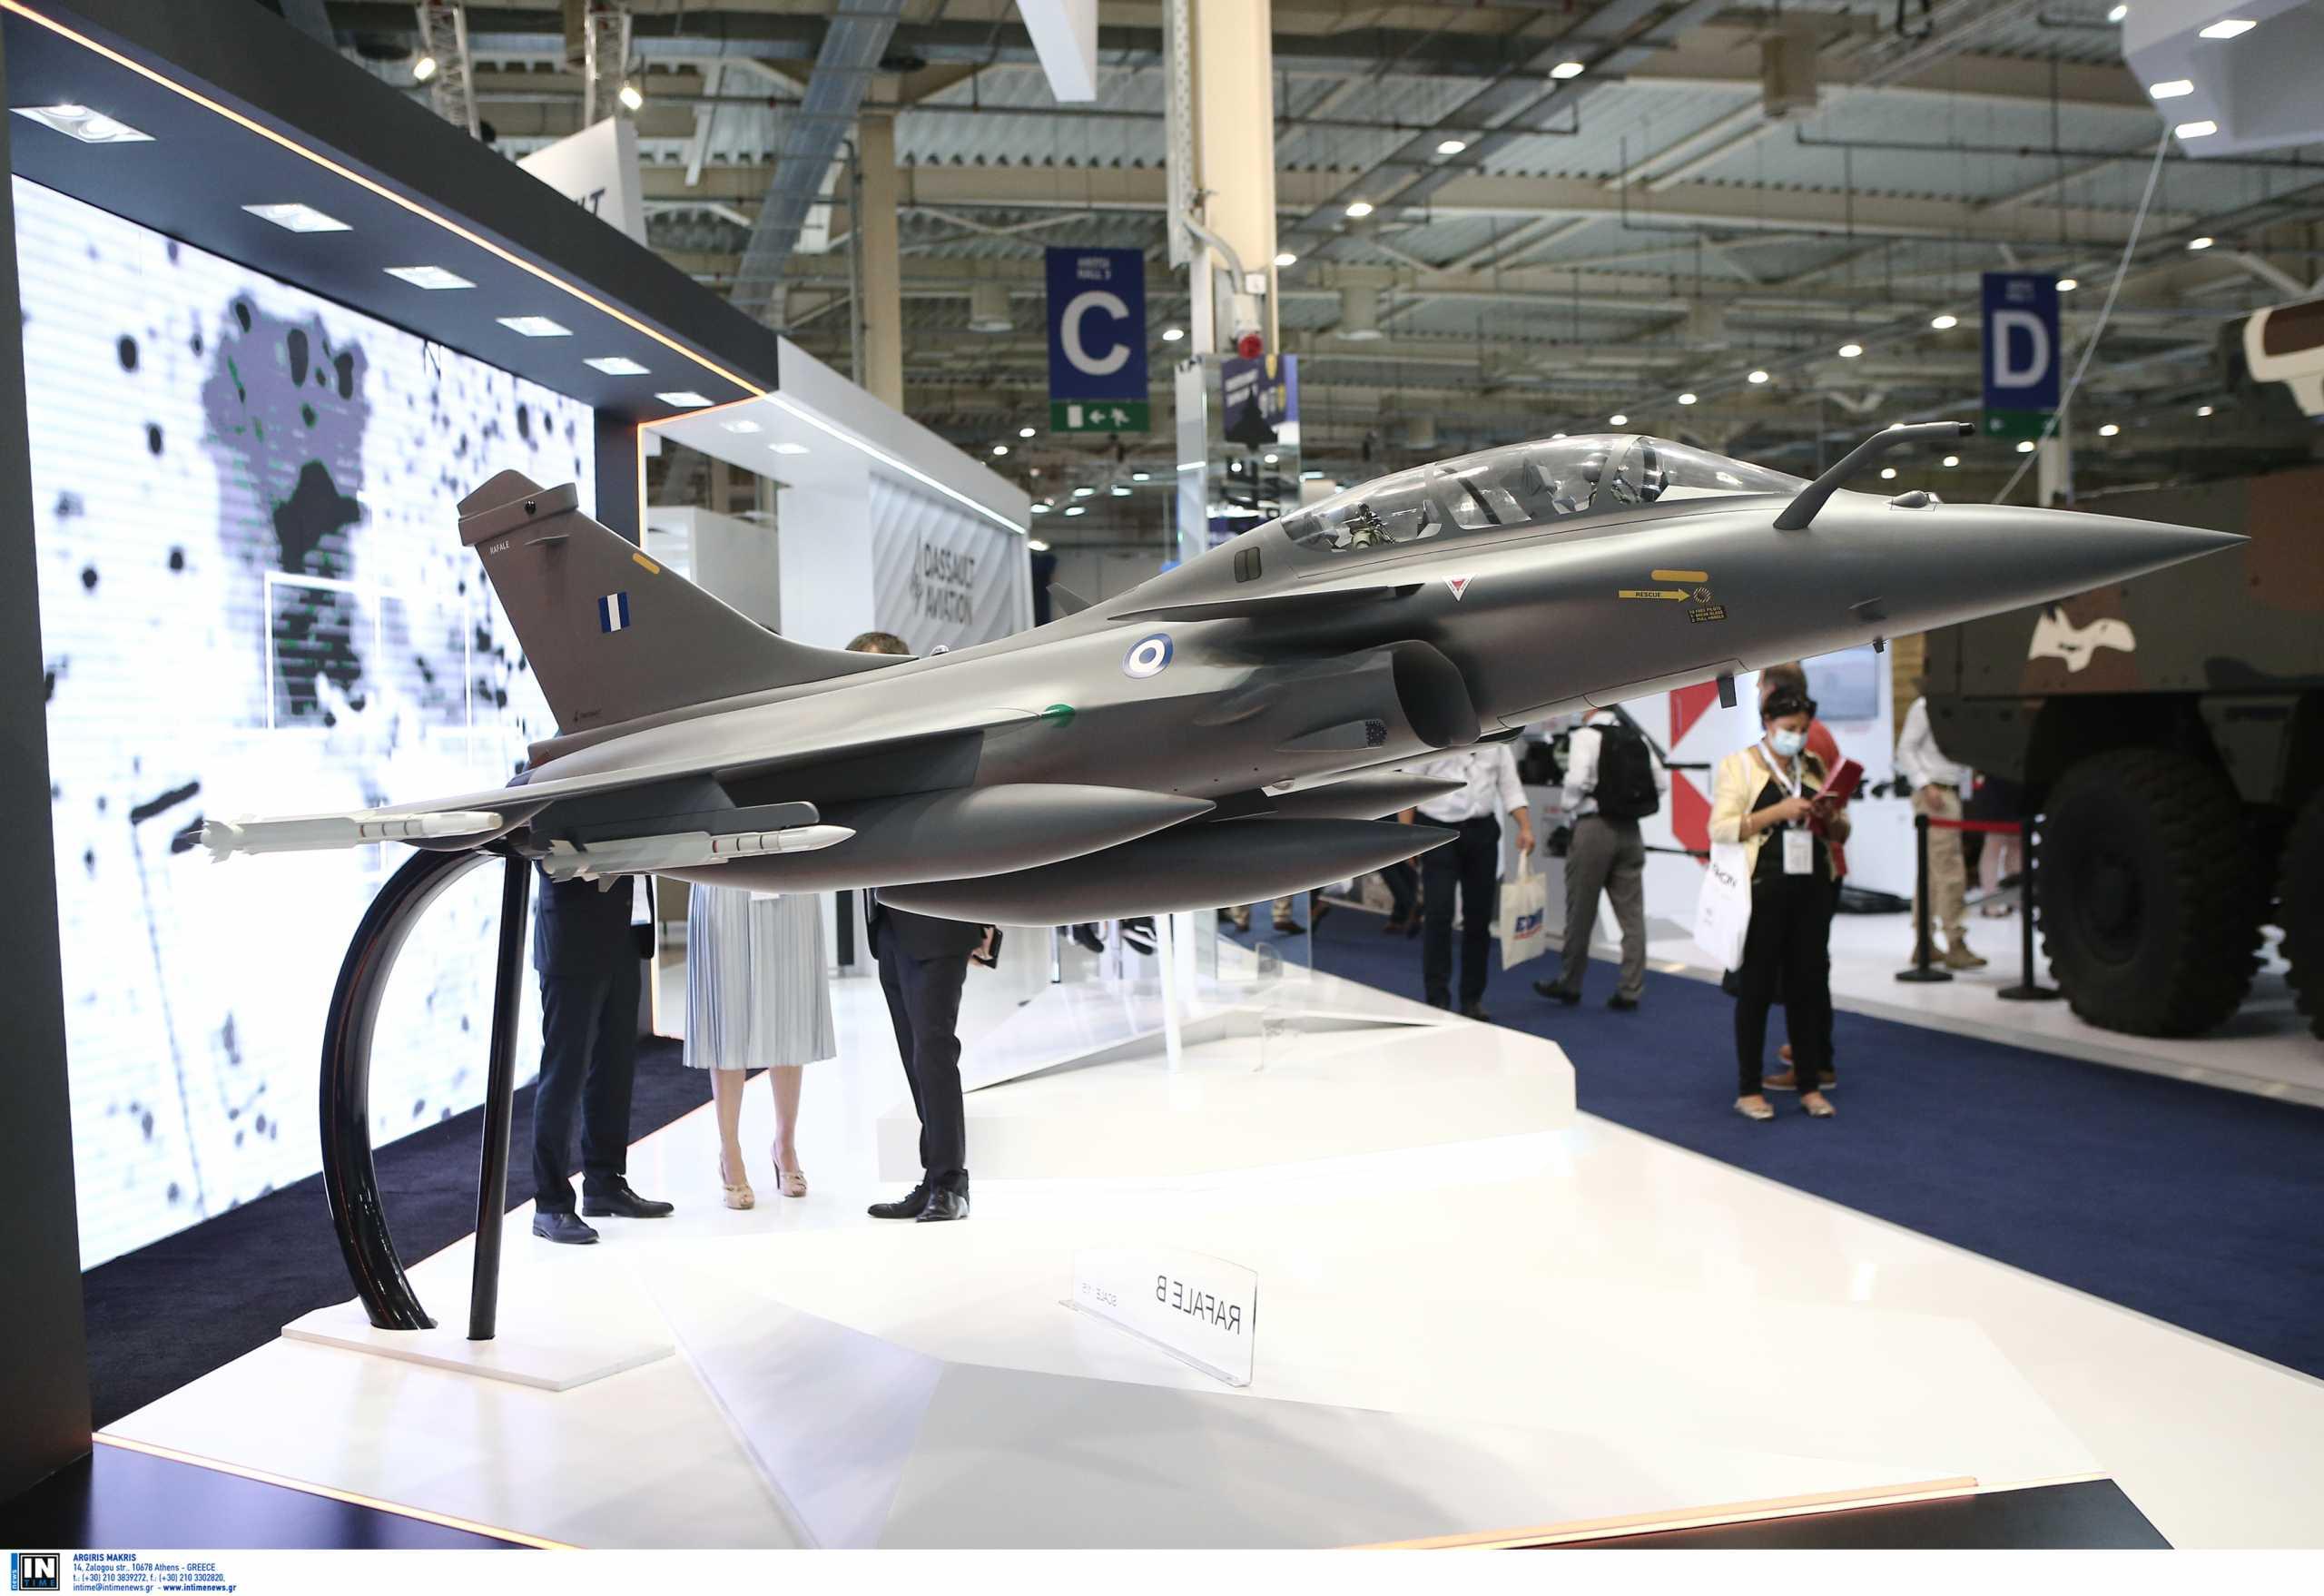 ΣΕΚΠΥ: «Επιτυχημένη η DEFEA 2021» – Τα επόμενα βήματα της αμυντικής βιομηχανίας